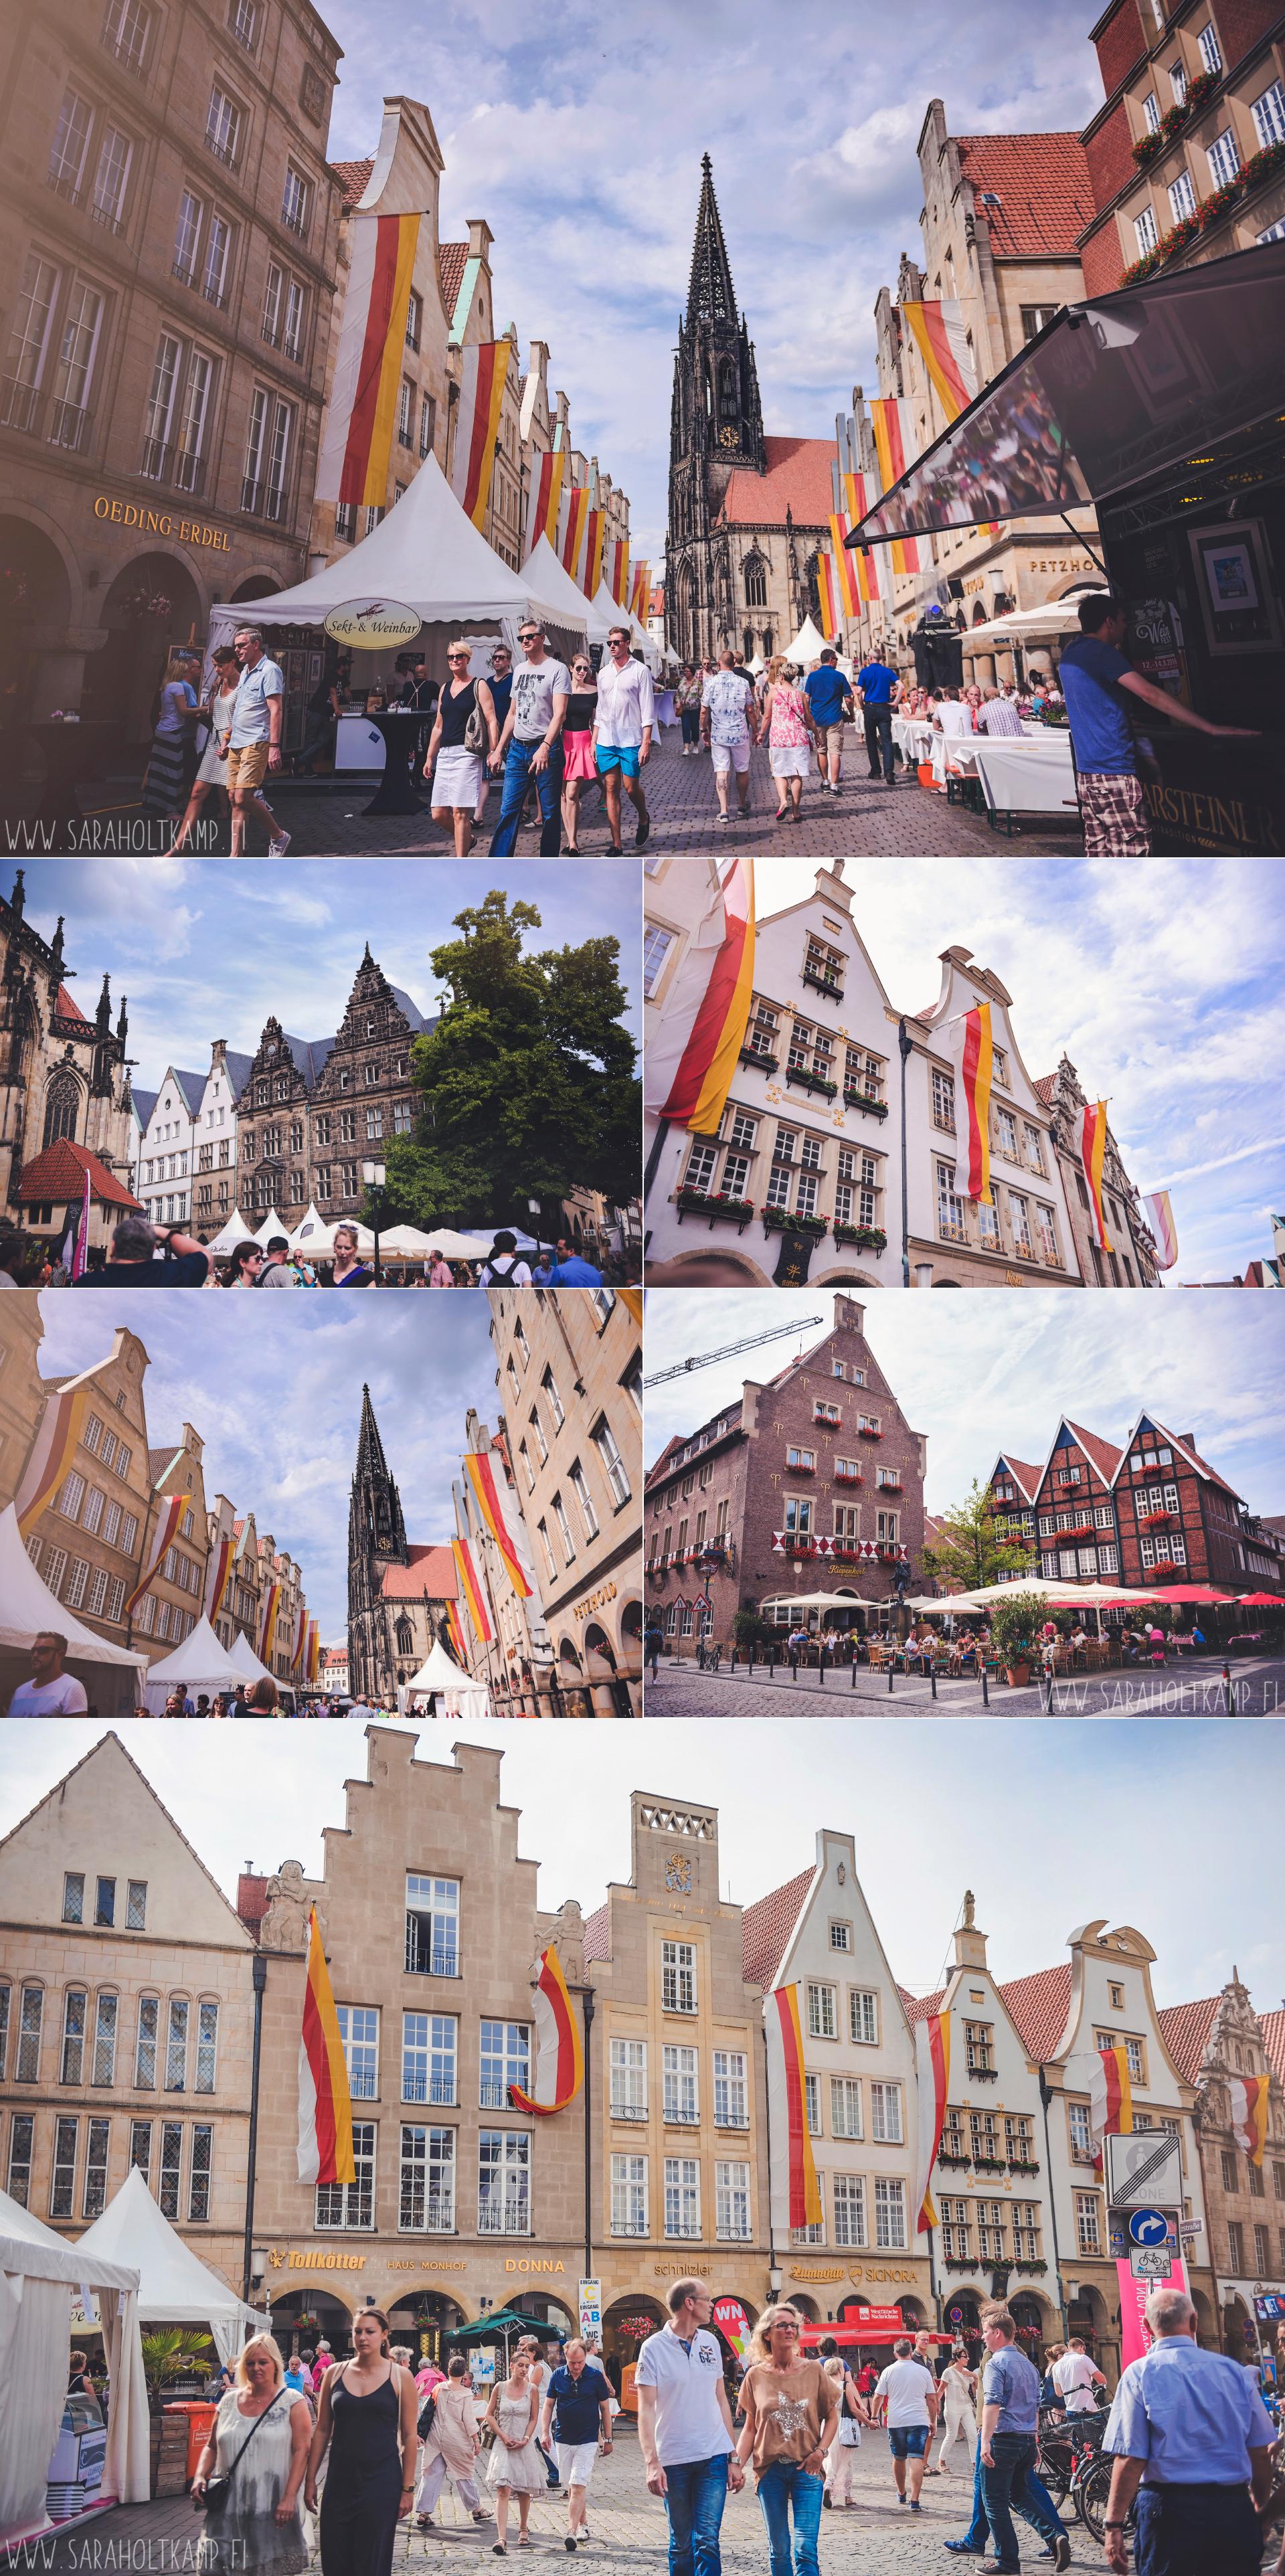 Münster prinzipalmarkt